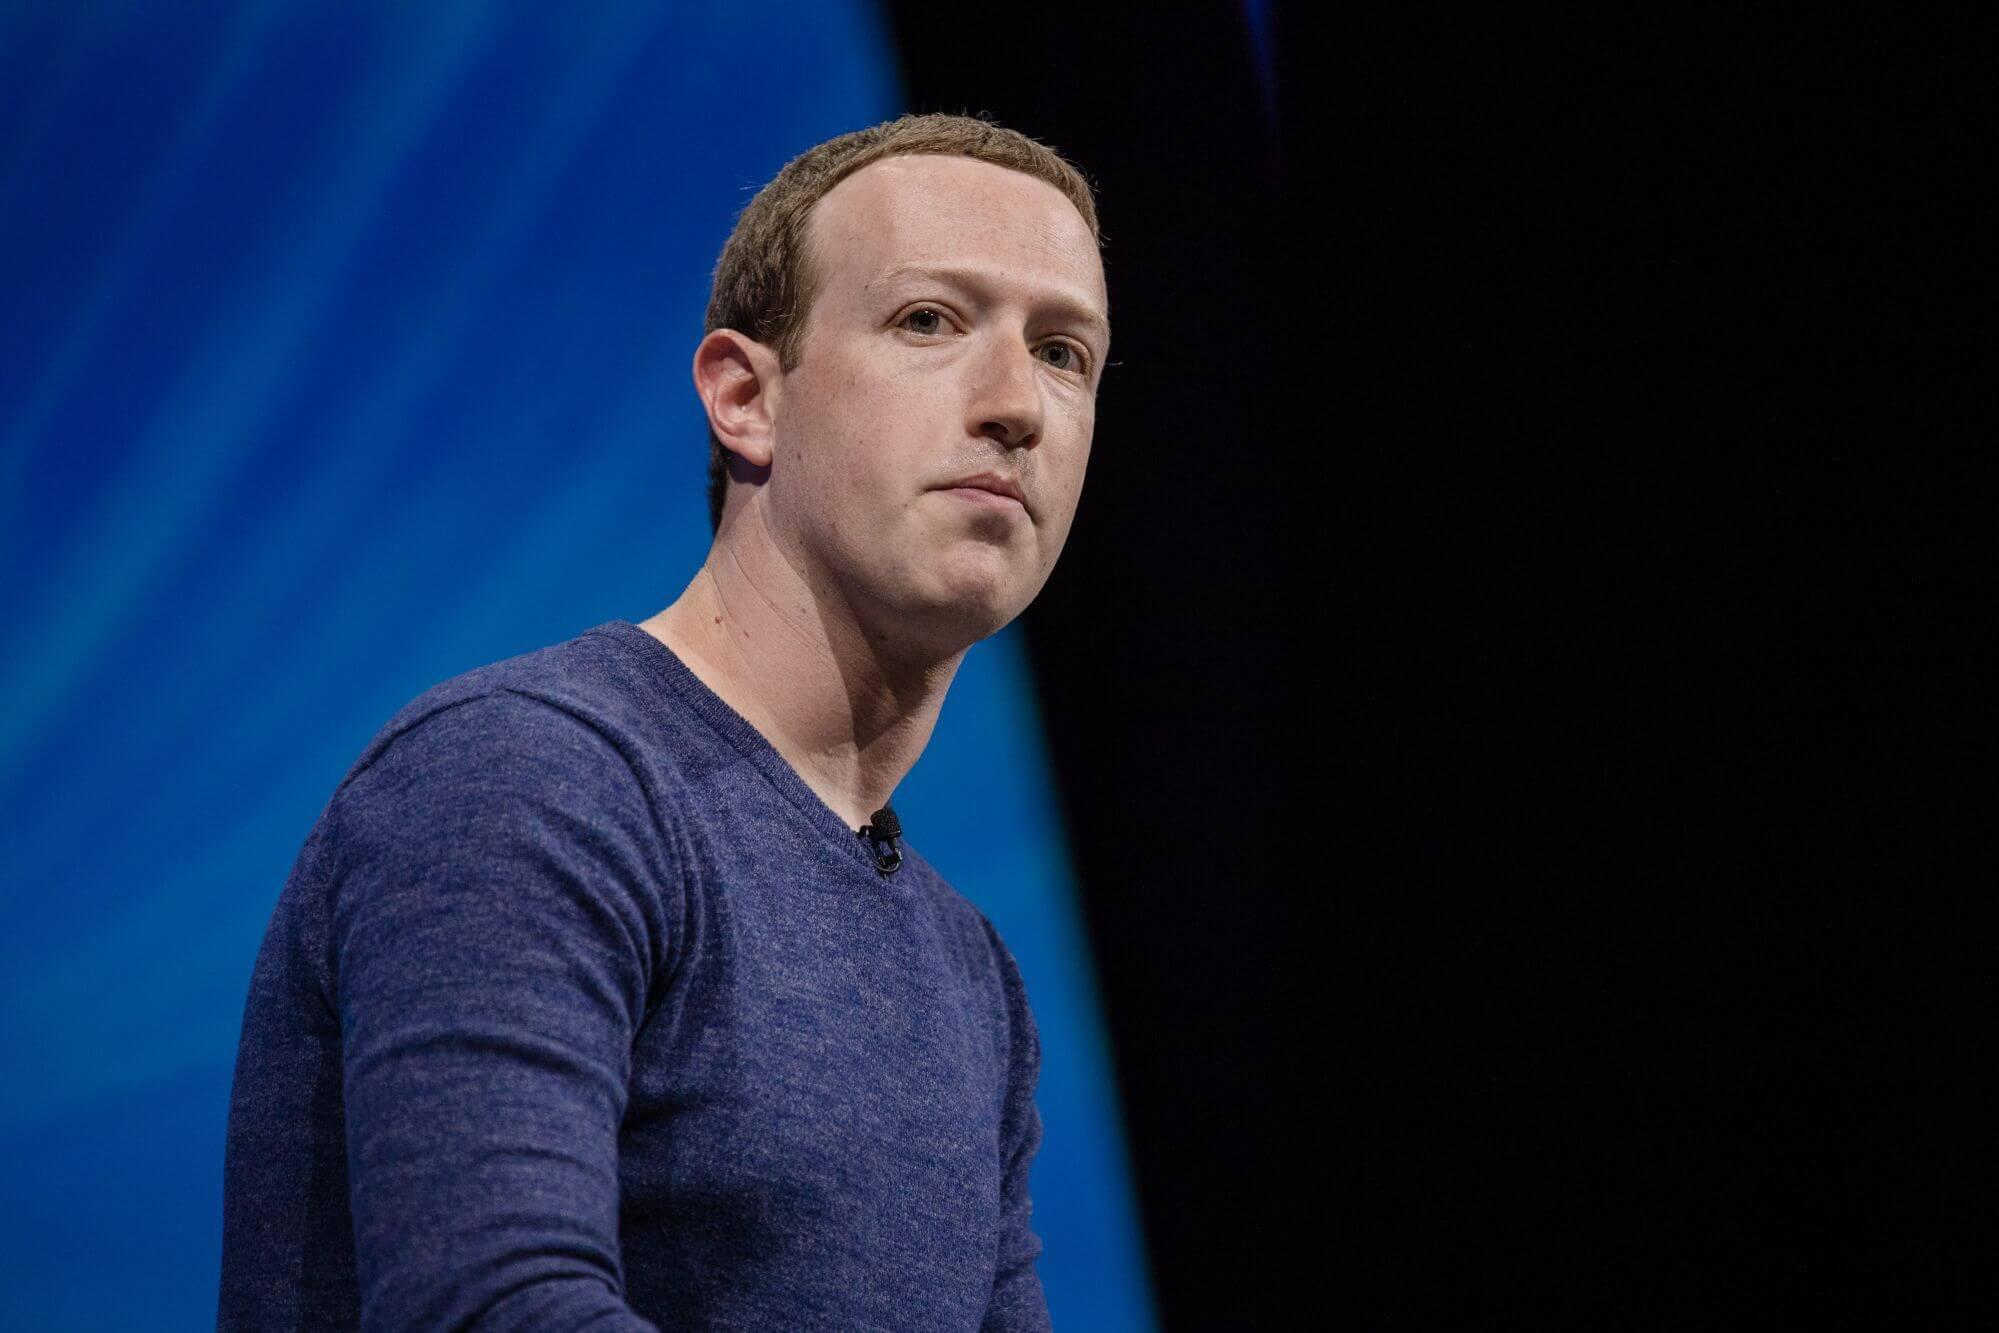 Facebook'un Kurucusu Mark Zuckerberg'in Devlet ve Rakipleri Hakkında Konuştuğu Gizli Ses Kayıtları Ortaya Çıktı!